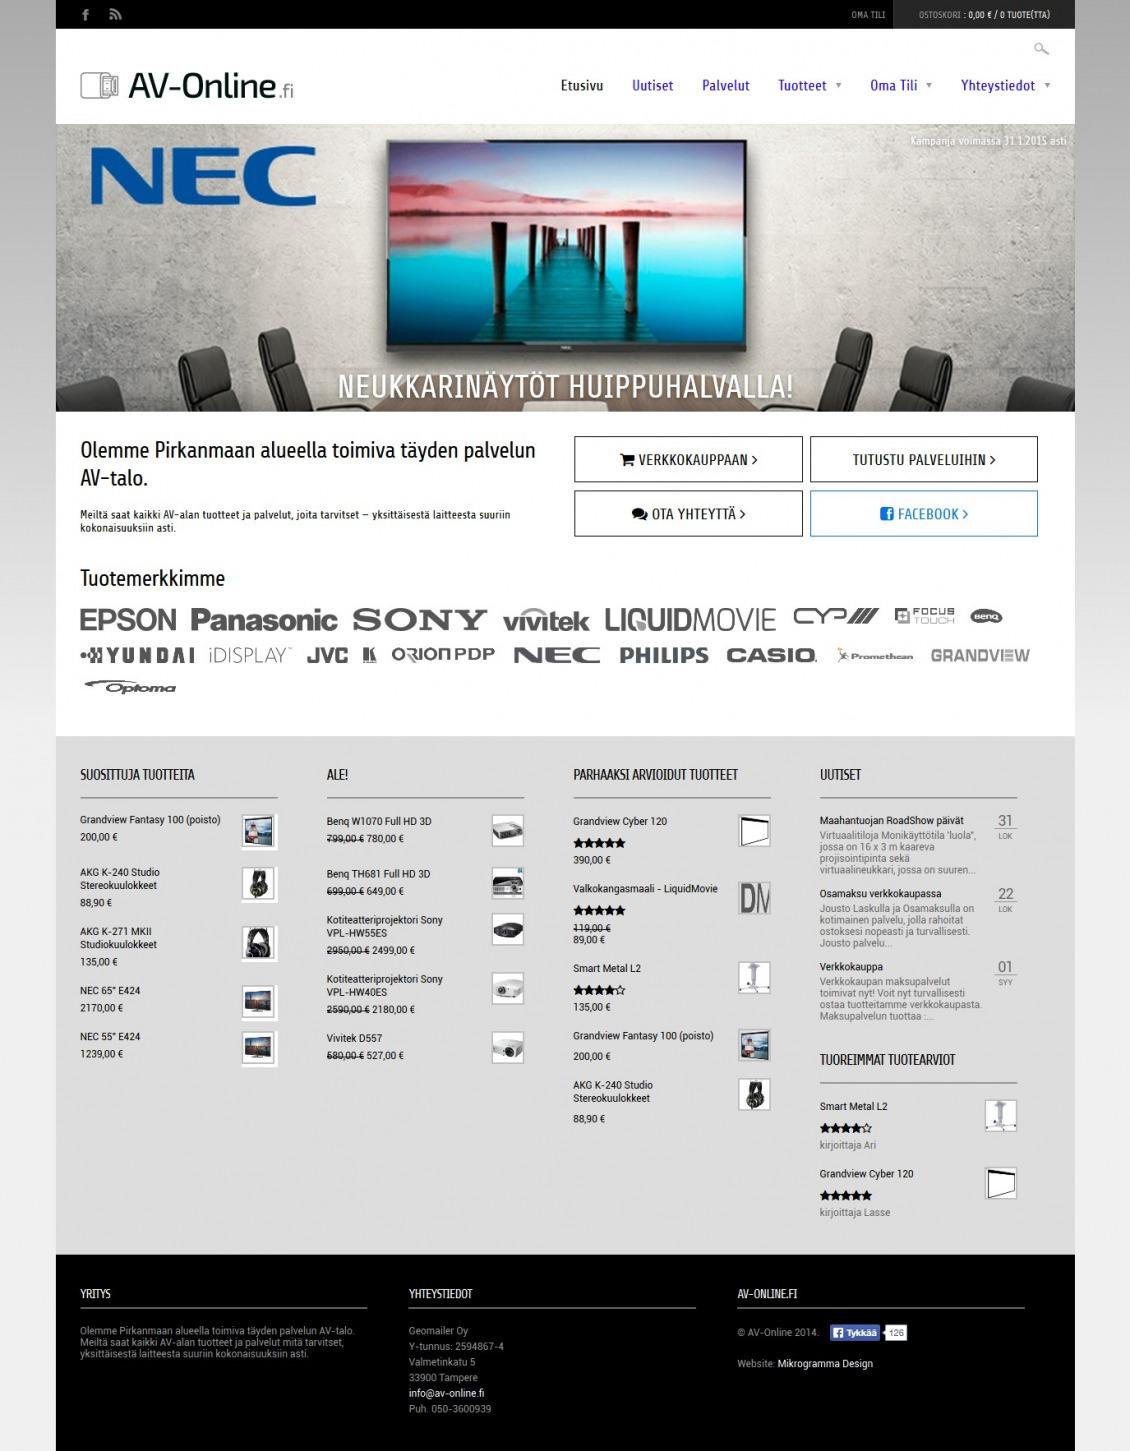 AV-Online.fi